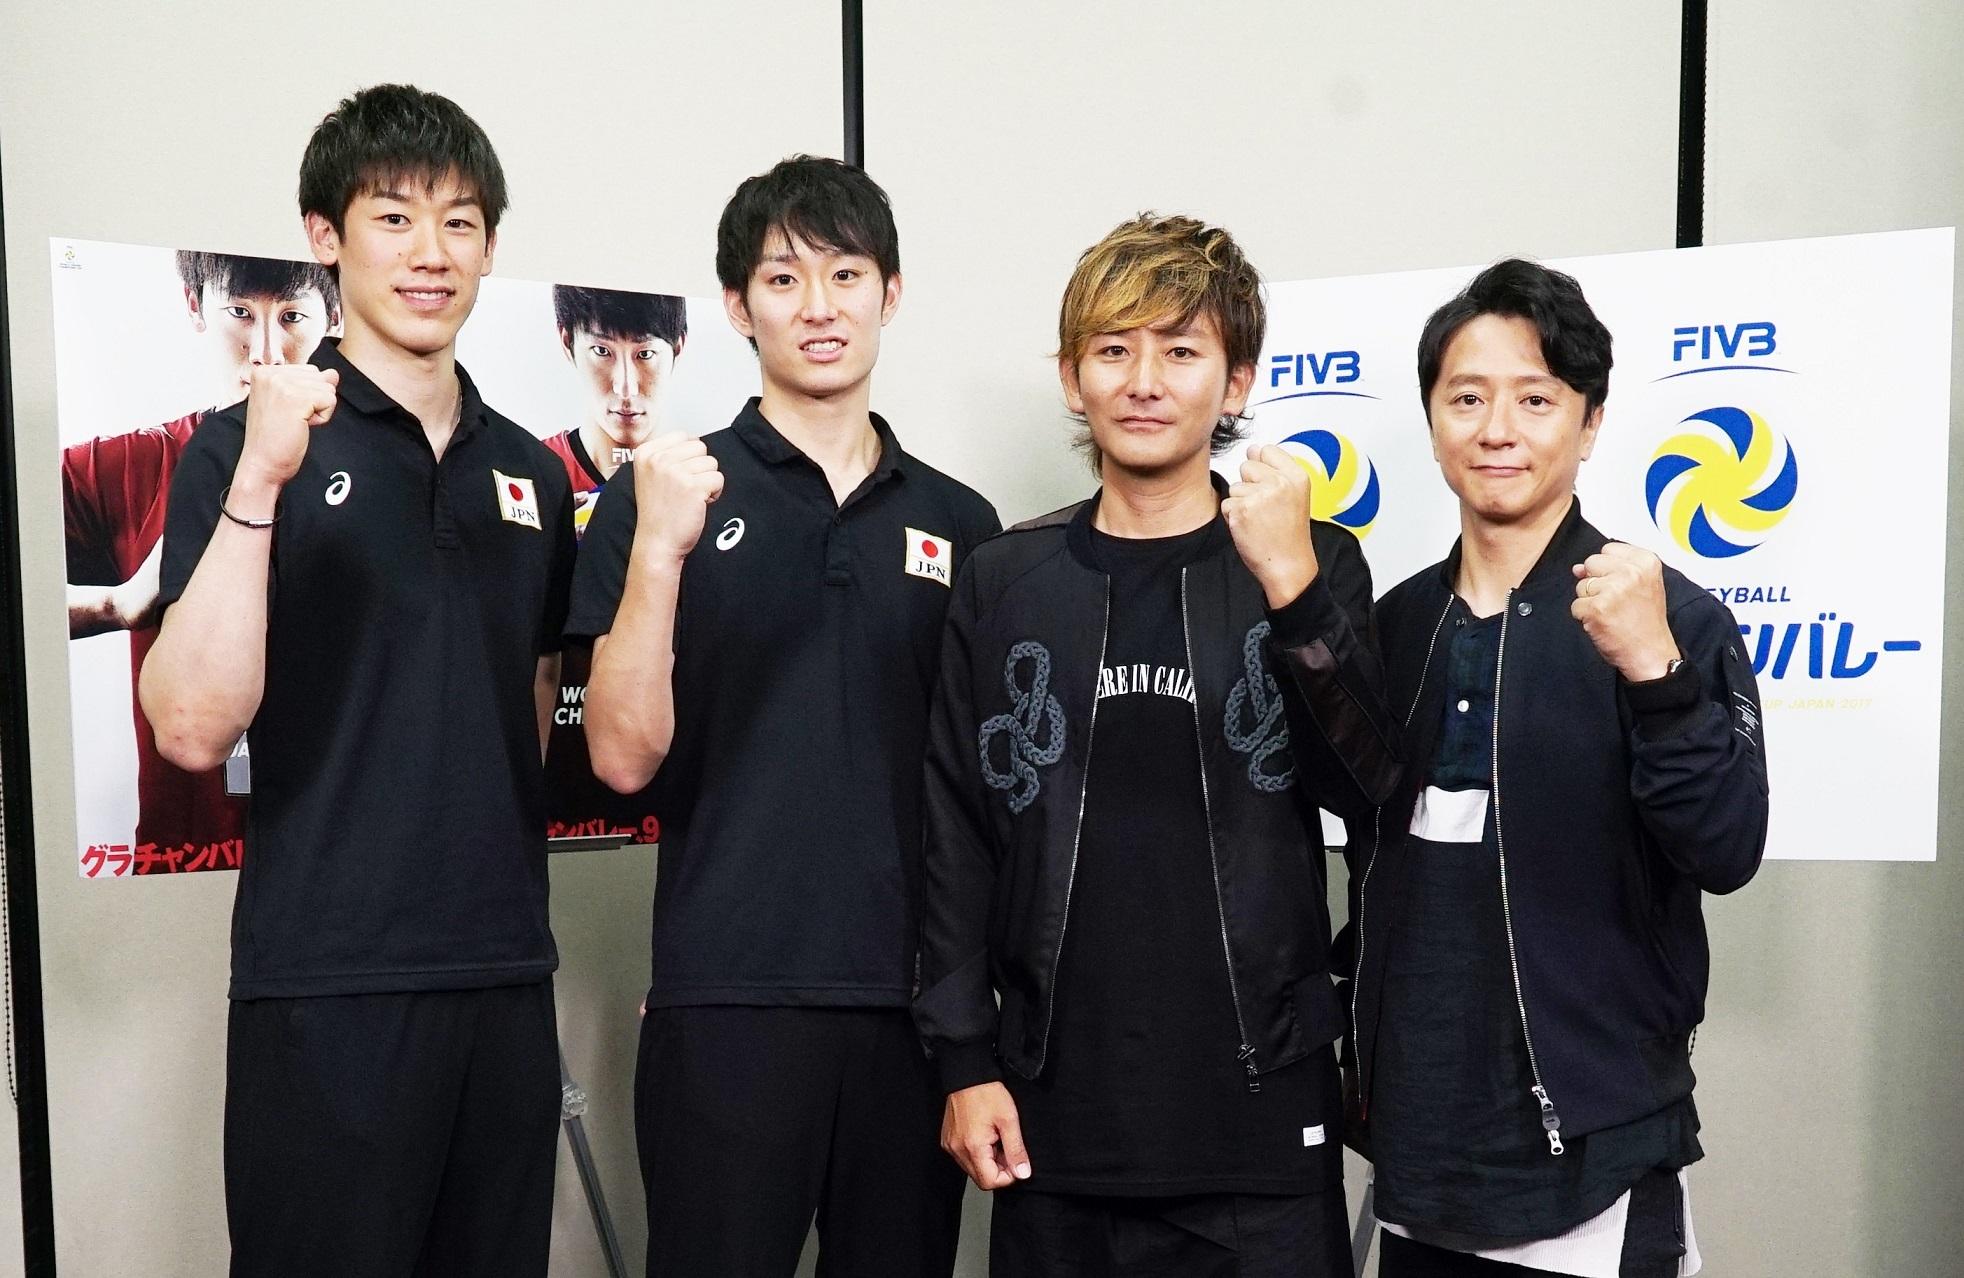 石川祐希選手、柳田将洋選手、ポルノグラフィティ